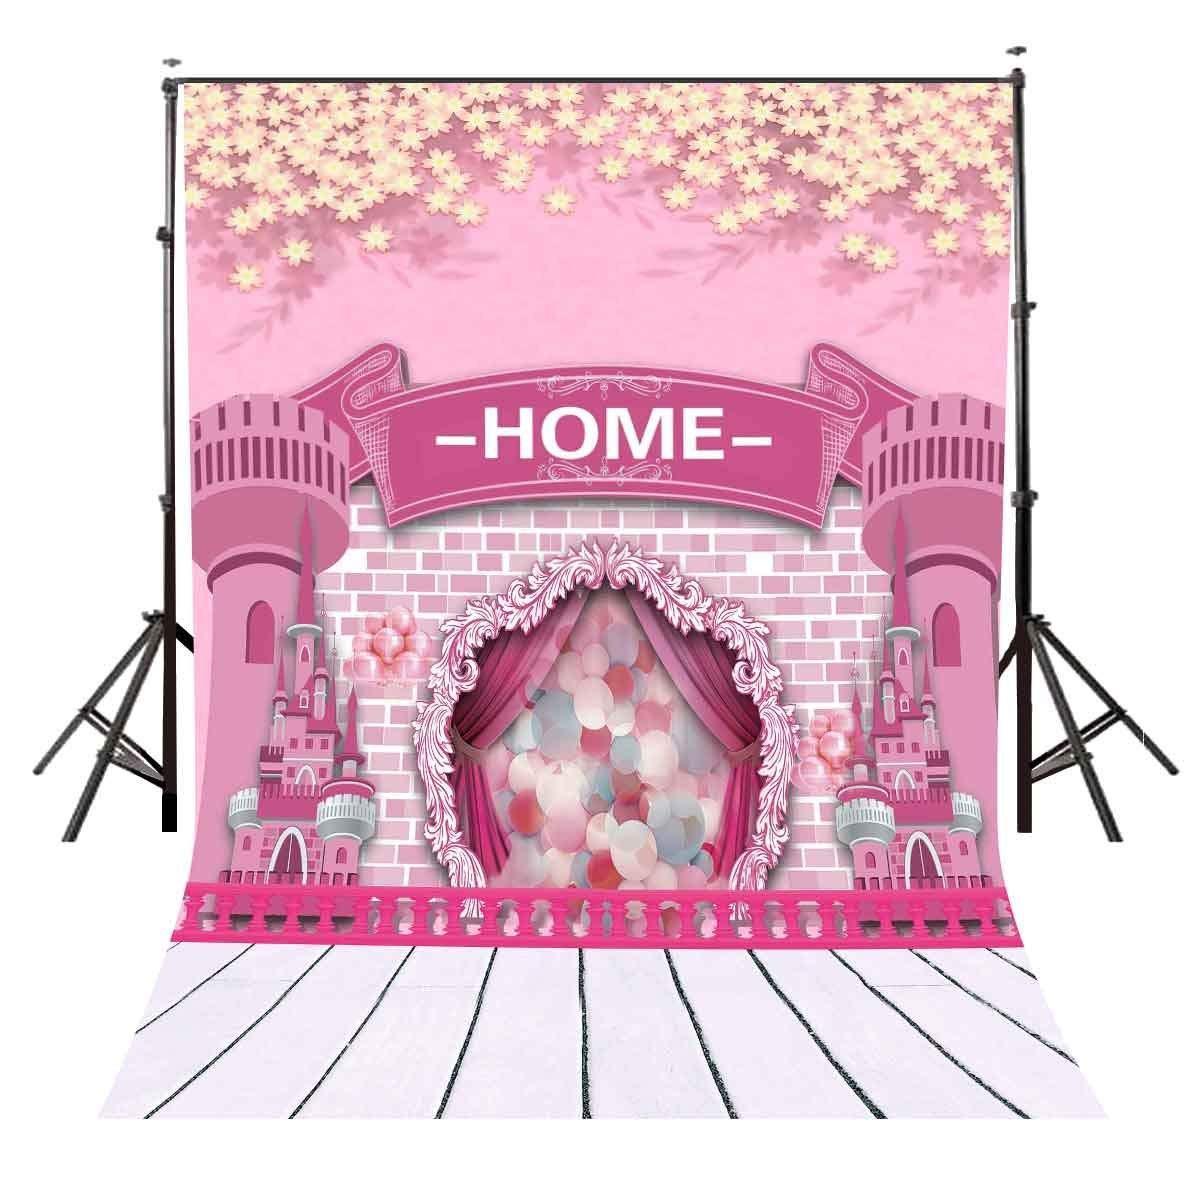 150x220 см мультфильм детский замок фон для фотосъемки милениал розовый дом